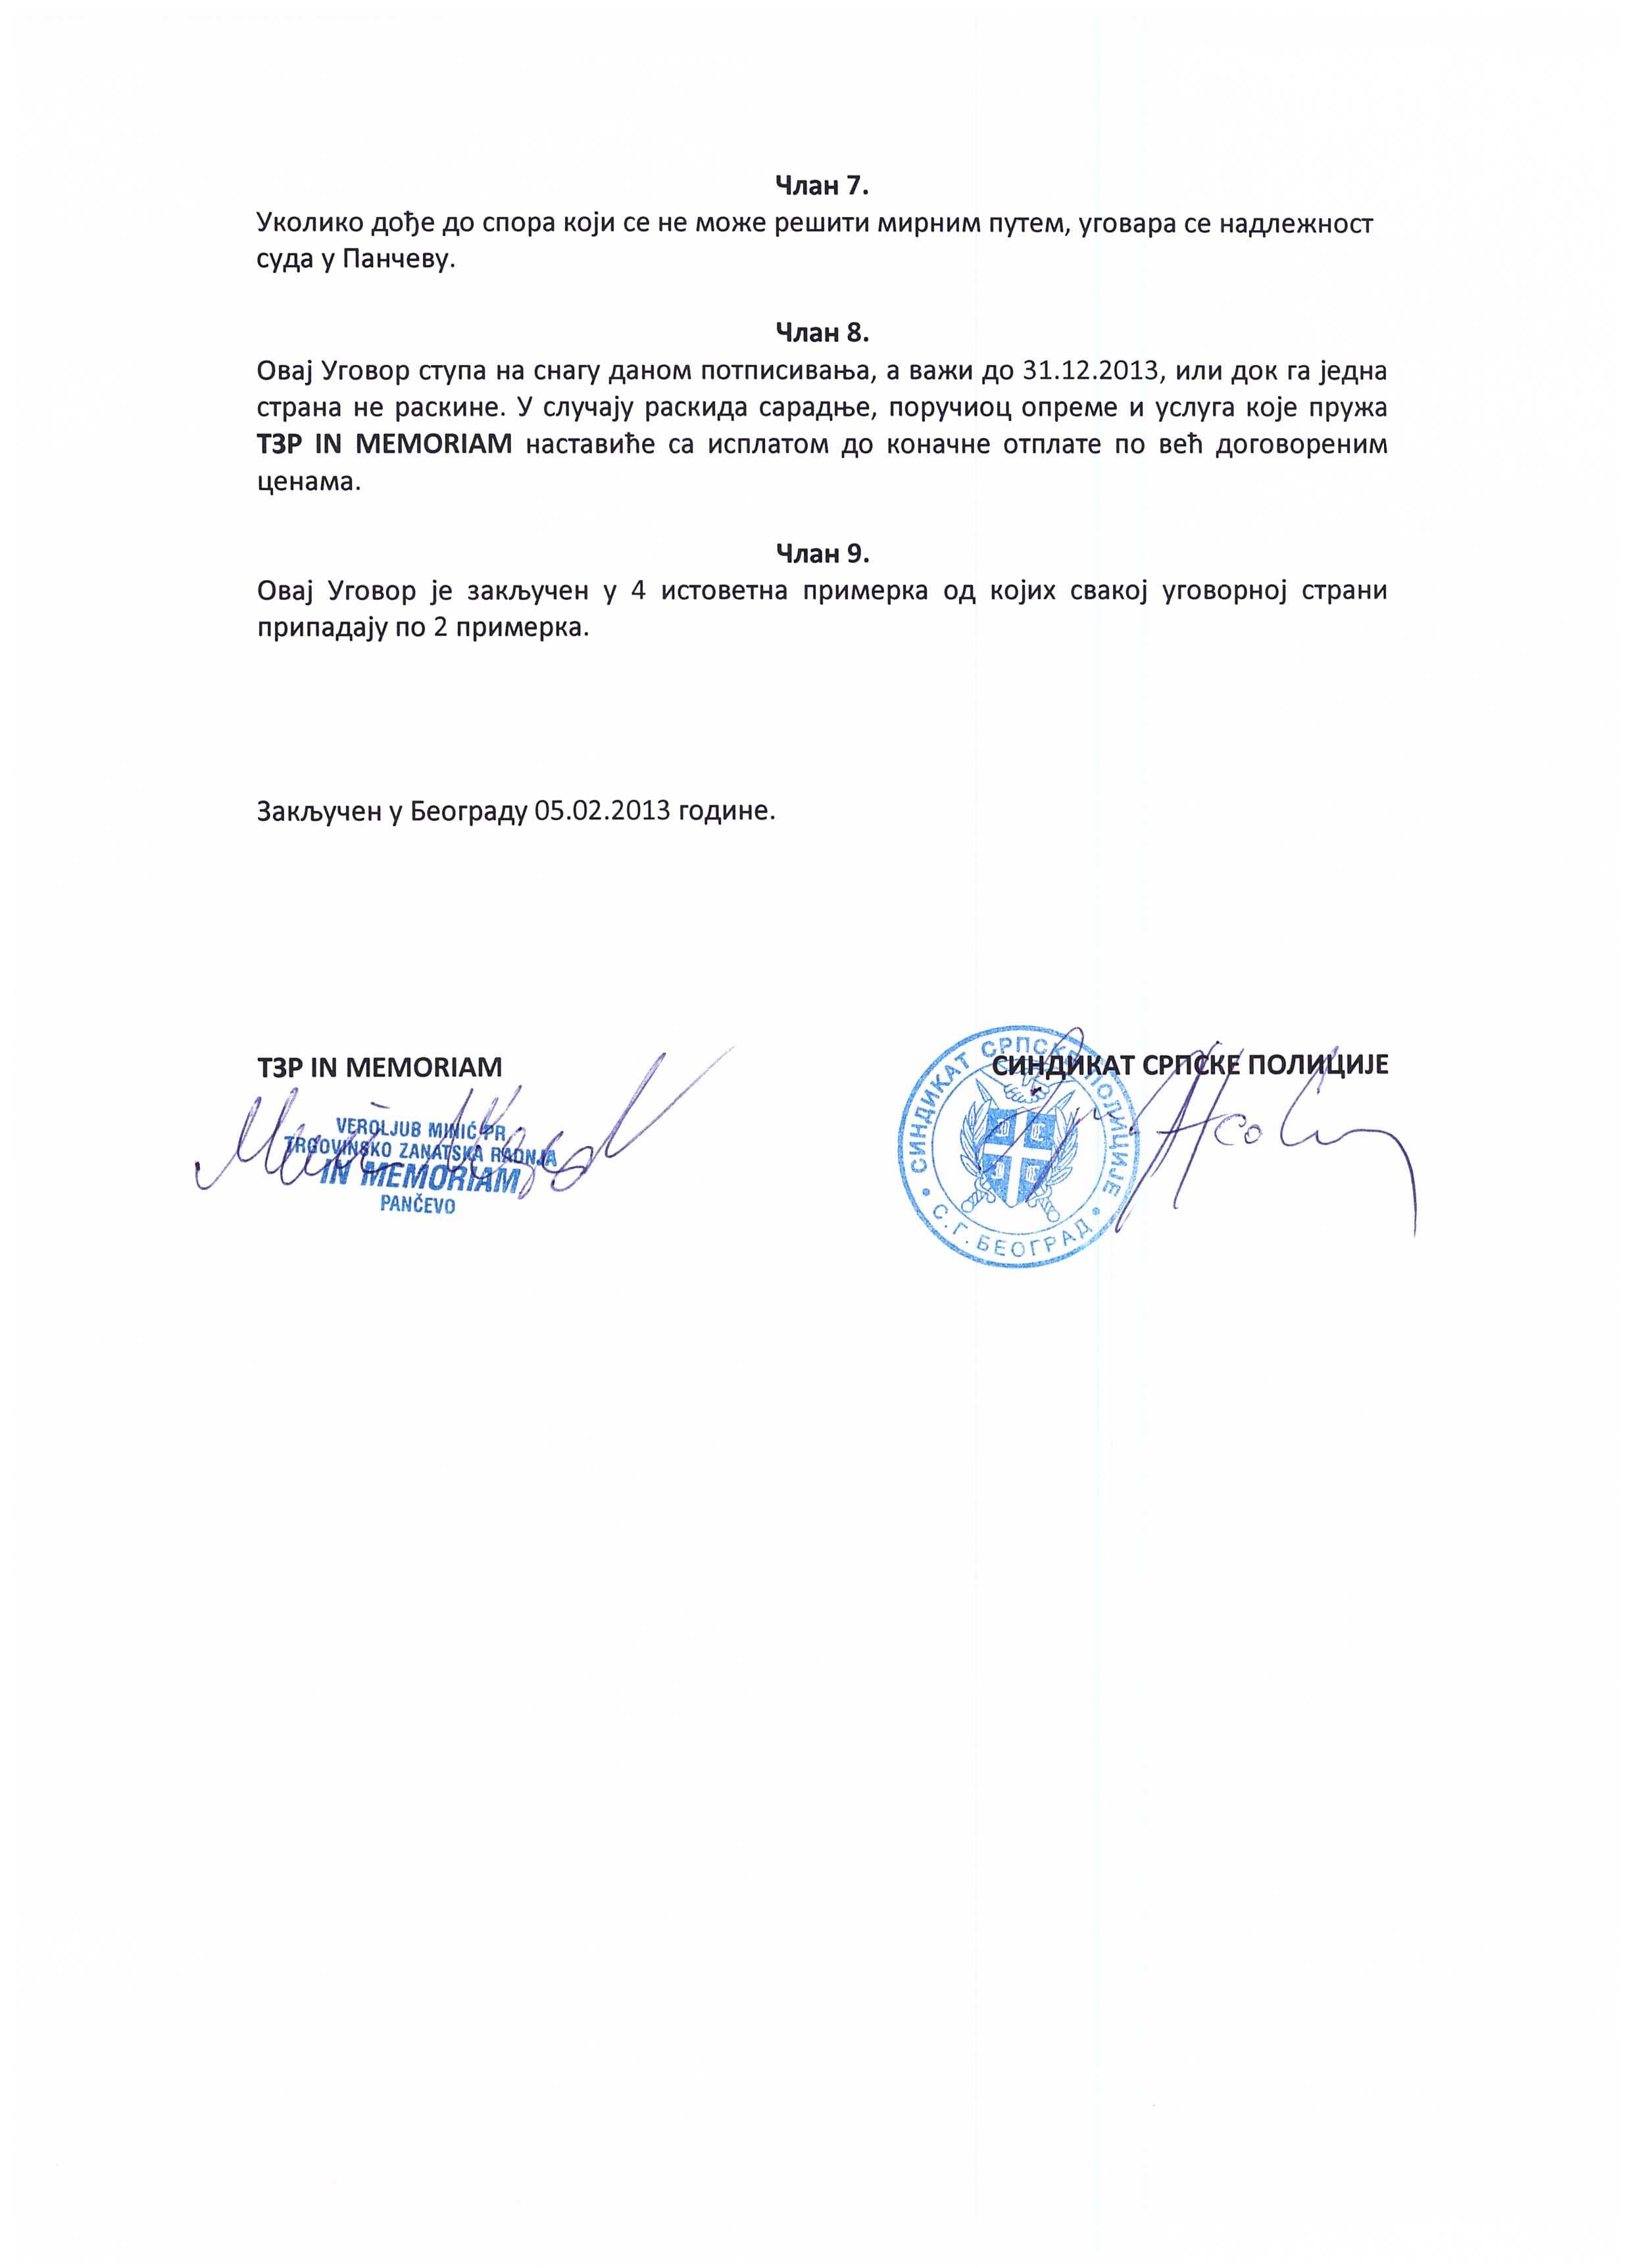 Sindikat vojske Srbije 2